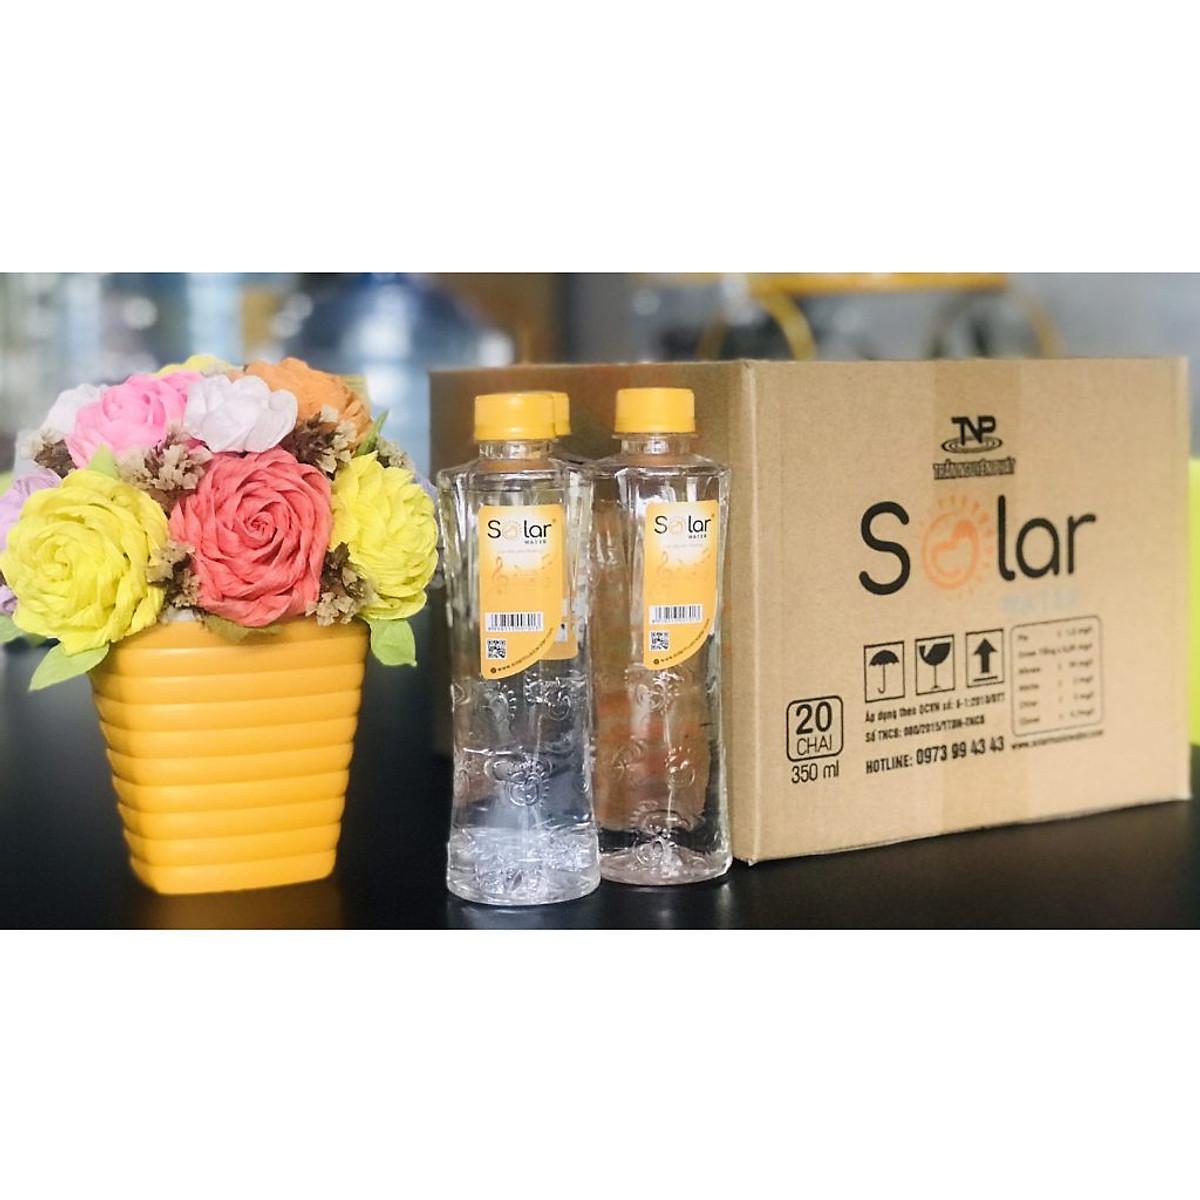 Thùng nước uống Solar thịnh vượng 20 chai 350ml